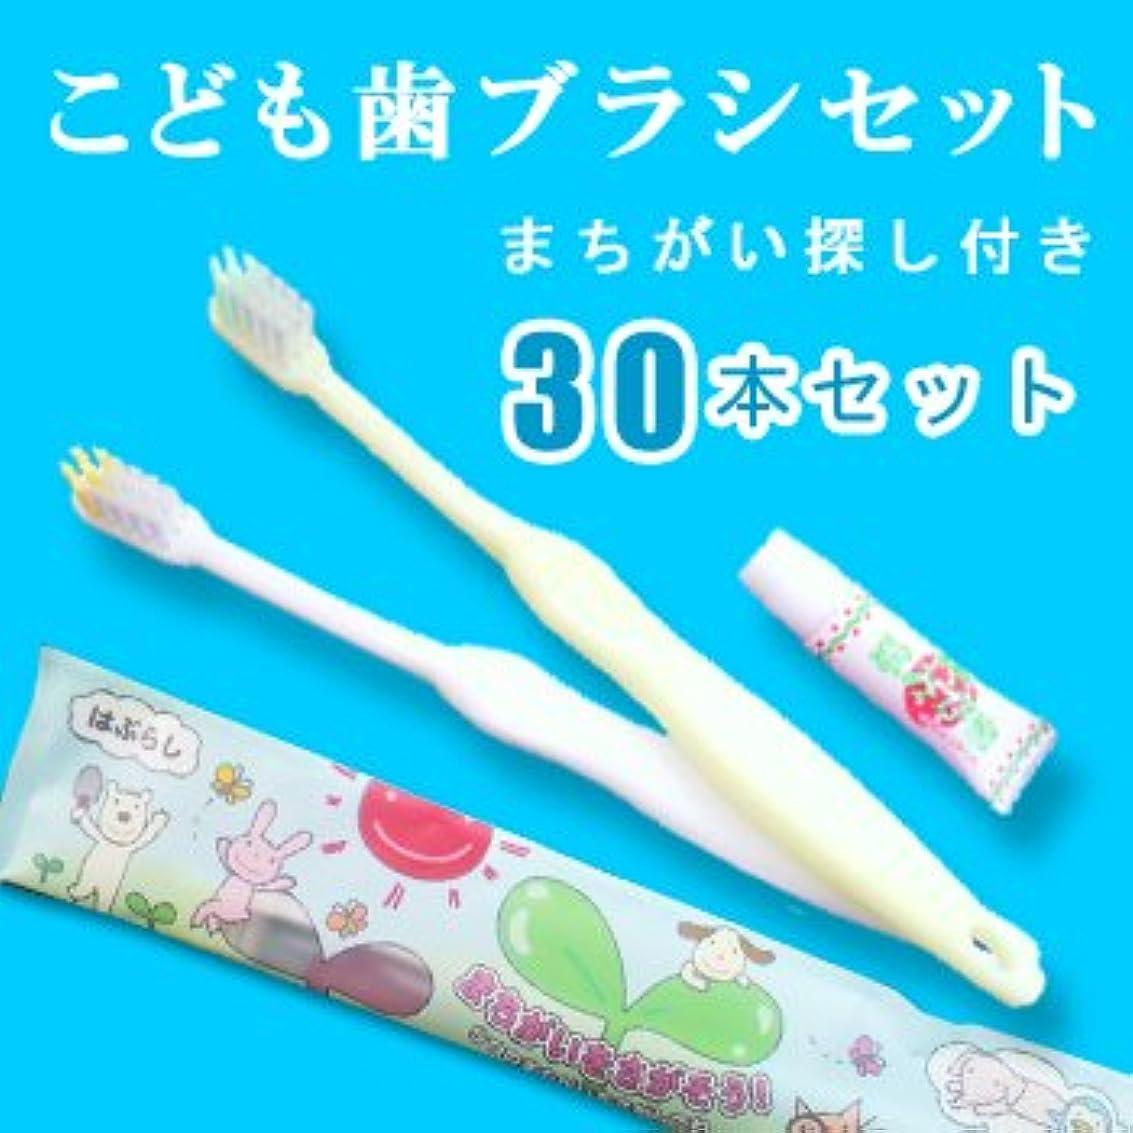 顎忠実にヒギンズこども歯ブラシ いちご味の歯磨き粉3gチューブ付 ホワイト?イエロー各15本アソート(1セット30本)